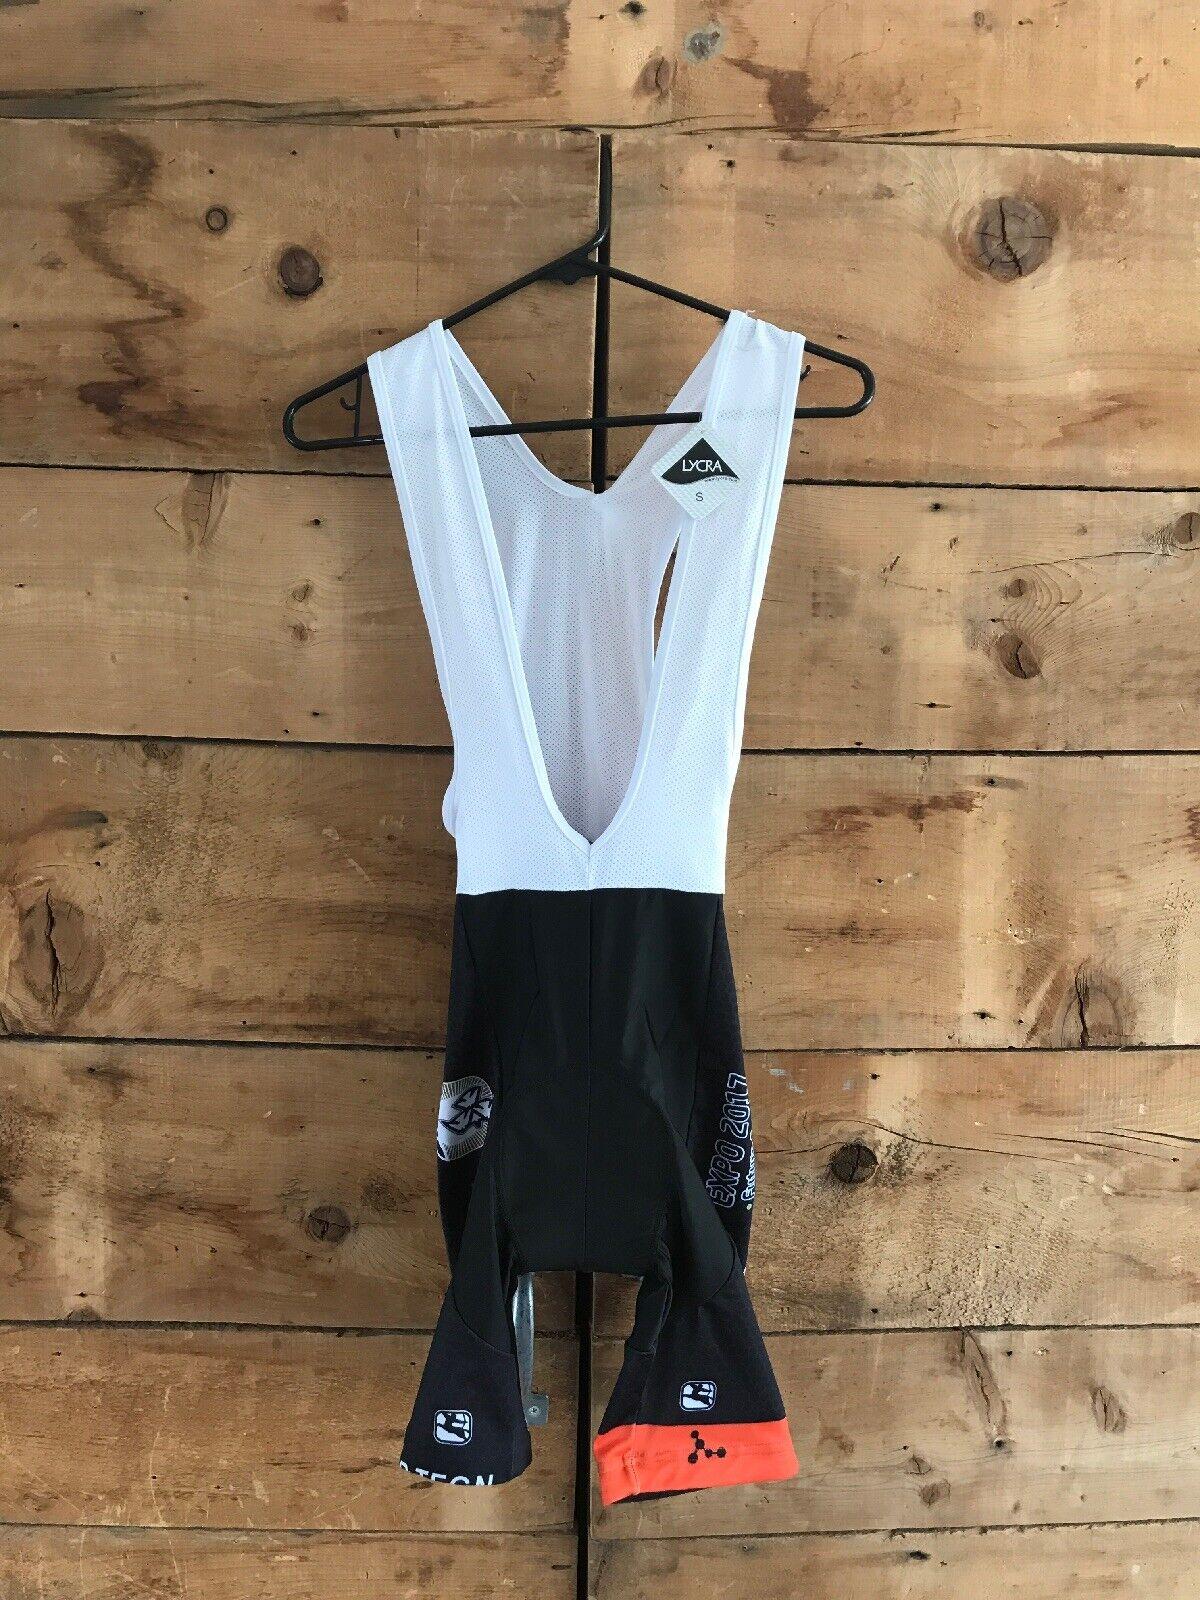 Lycra Pro Bib Shorts Size Small With Padding